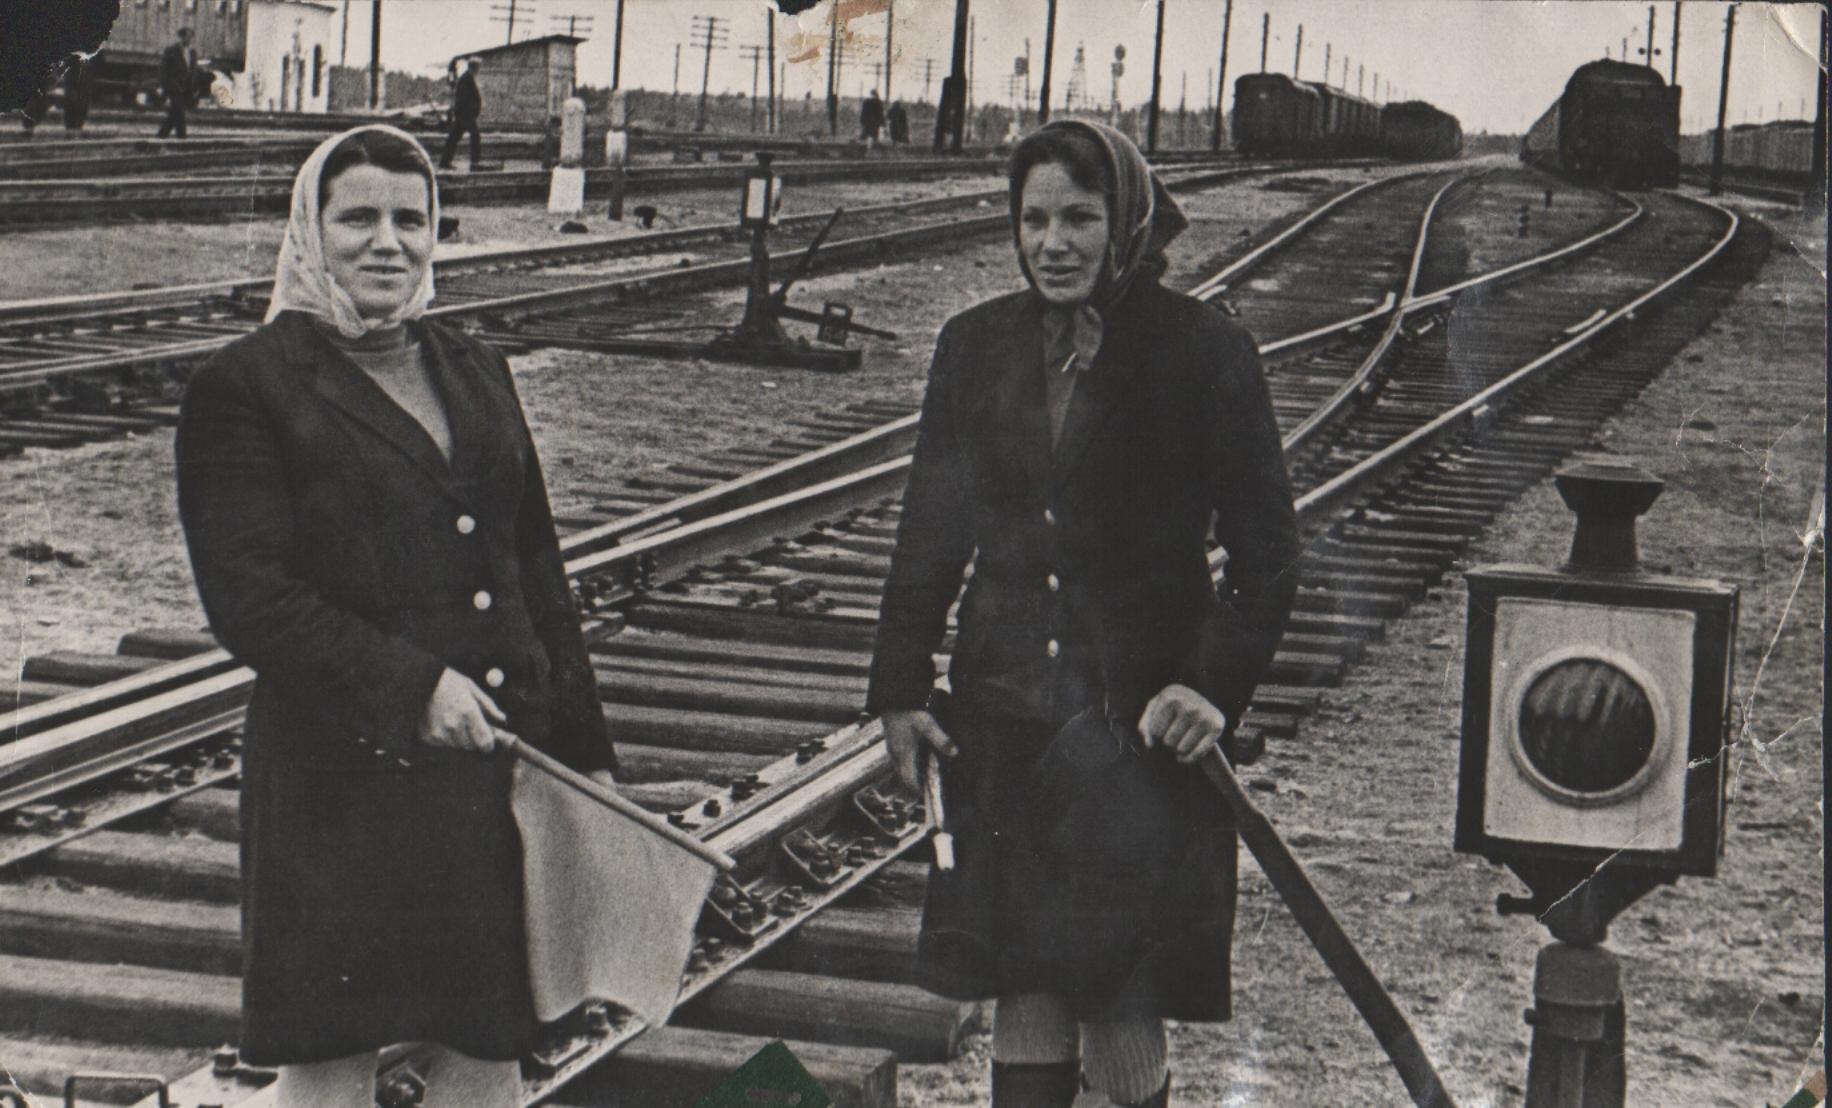 Слева направо: Валентина Ивановна Федорова, Анна Алексеевна Горбачева. 10-й пост. 1970-е гг.